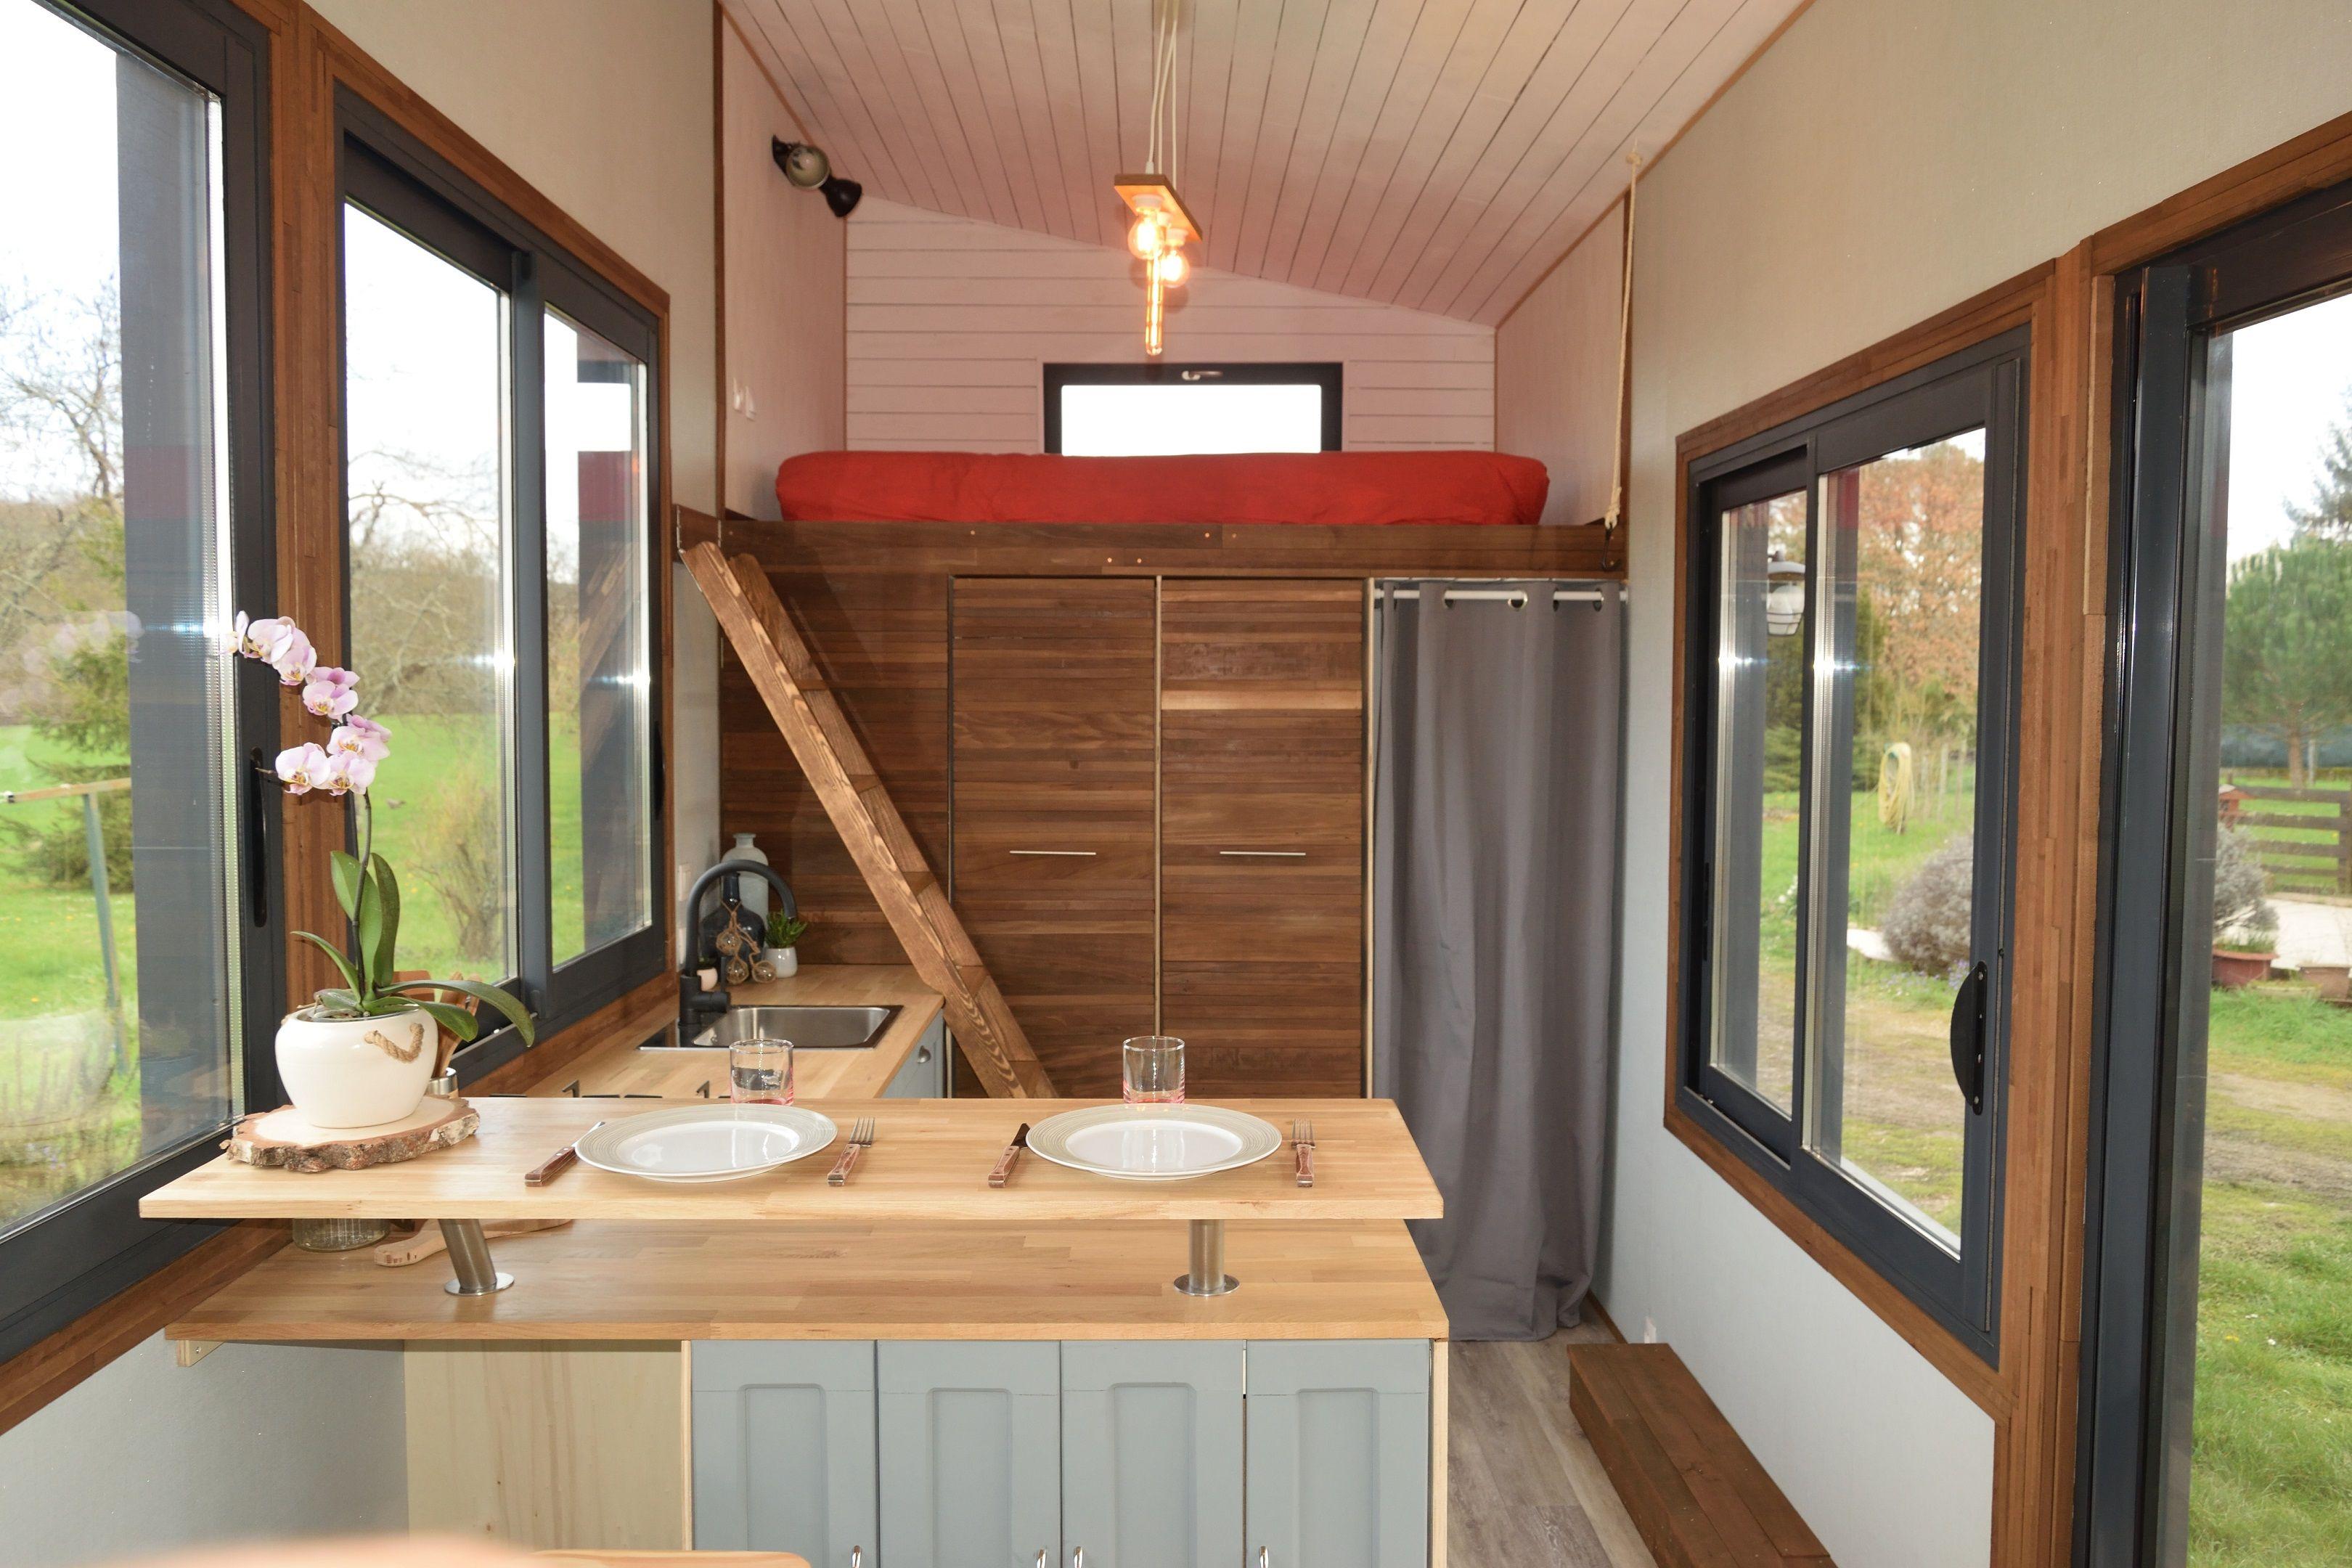 à Vendre Tiny House Lumen Neuve 7 2 M Gironde